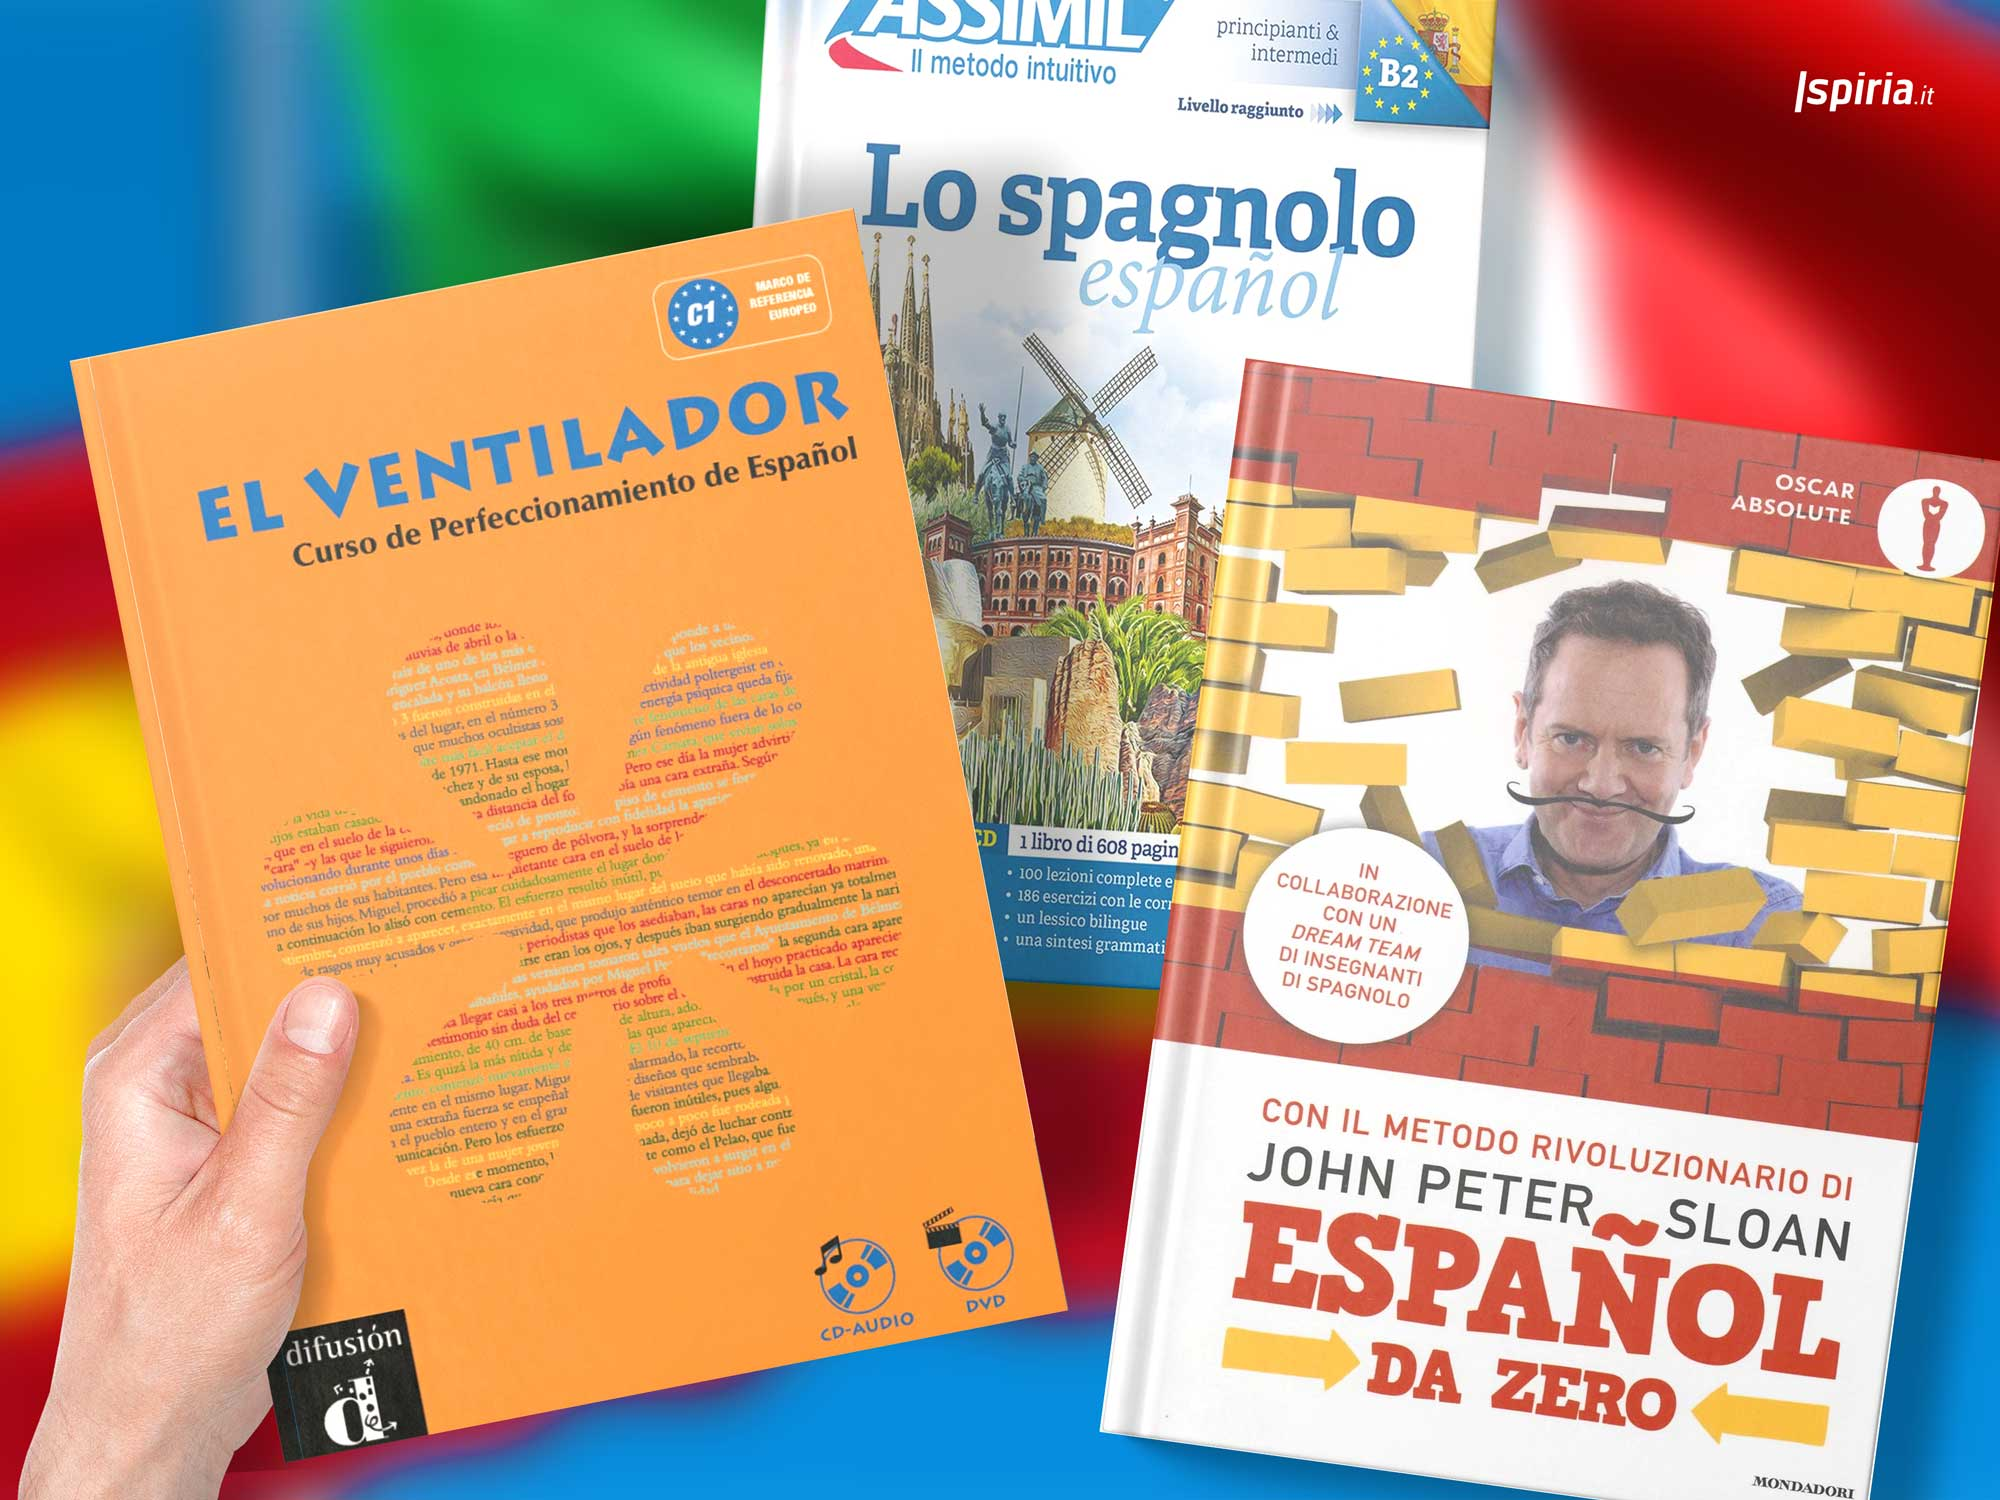 Migliori Libri Per Imparare Lo Spagnolo? (Il Libro Davvero Utile Per Studiare Spagnolo)